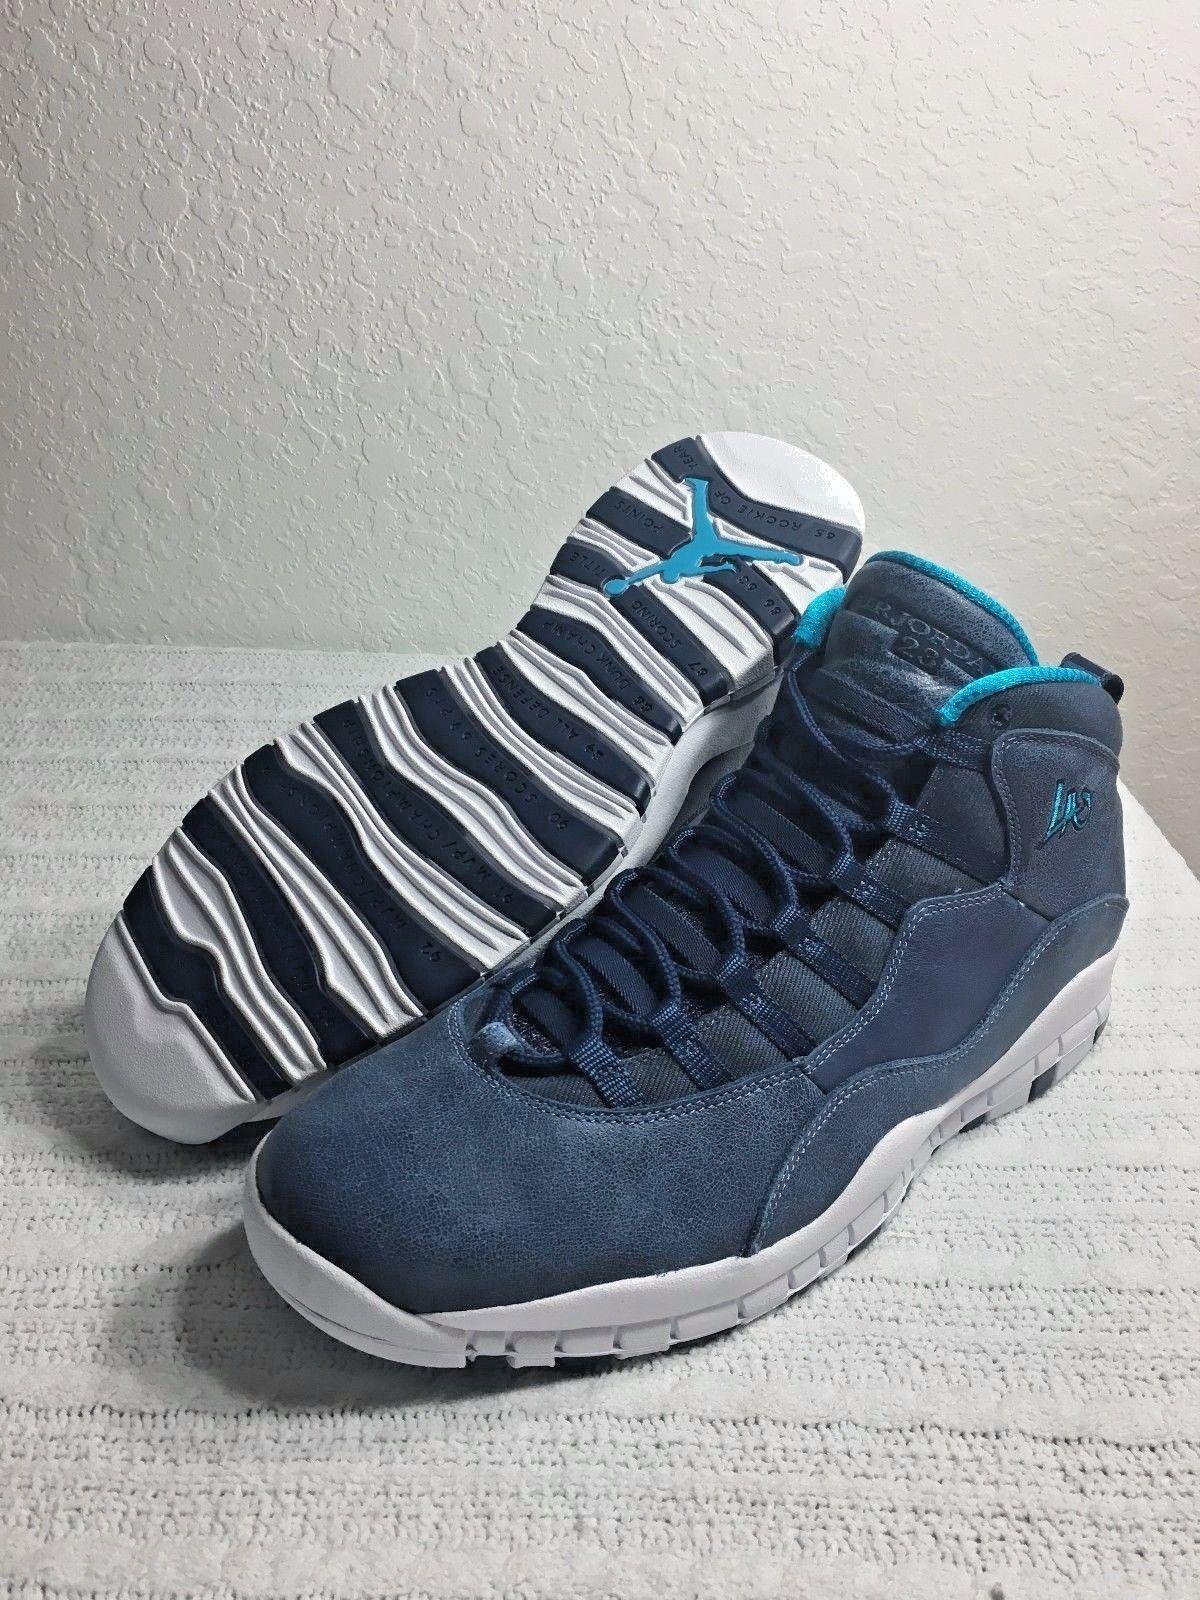 brand new fb00e e845d Nike Air Jordan Retro 10 La Pack Men Size 13 and 50 similar items. S l1600